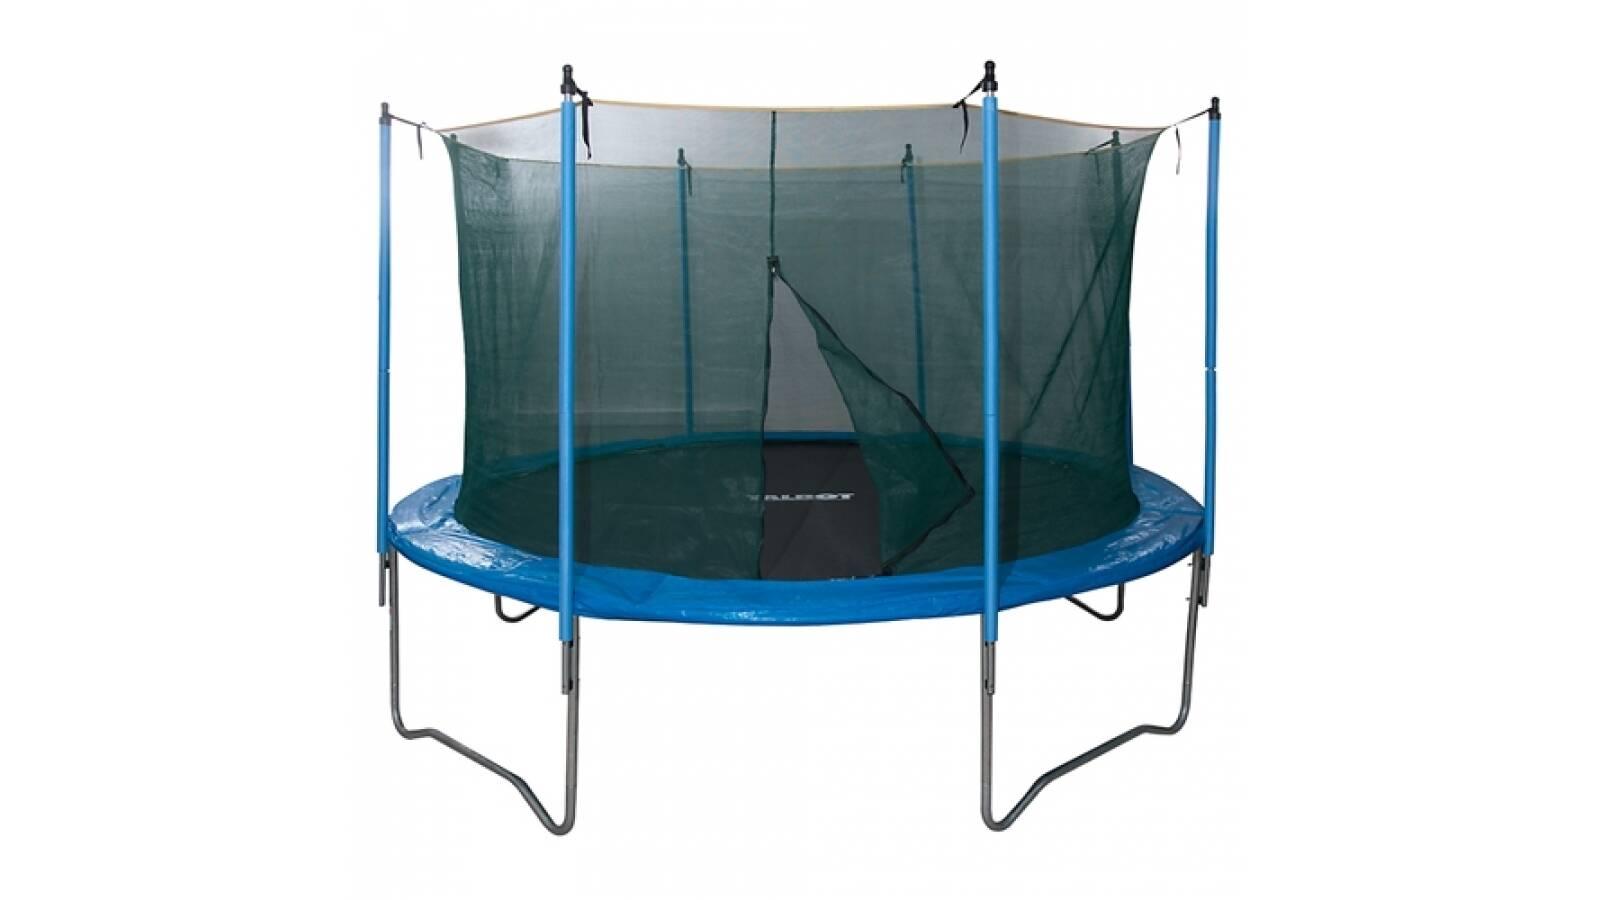 Cama elastica con red de protección 1,83 mts